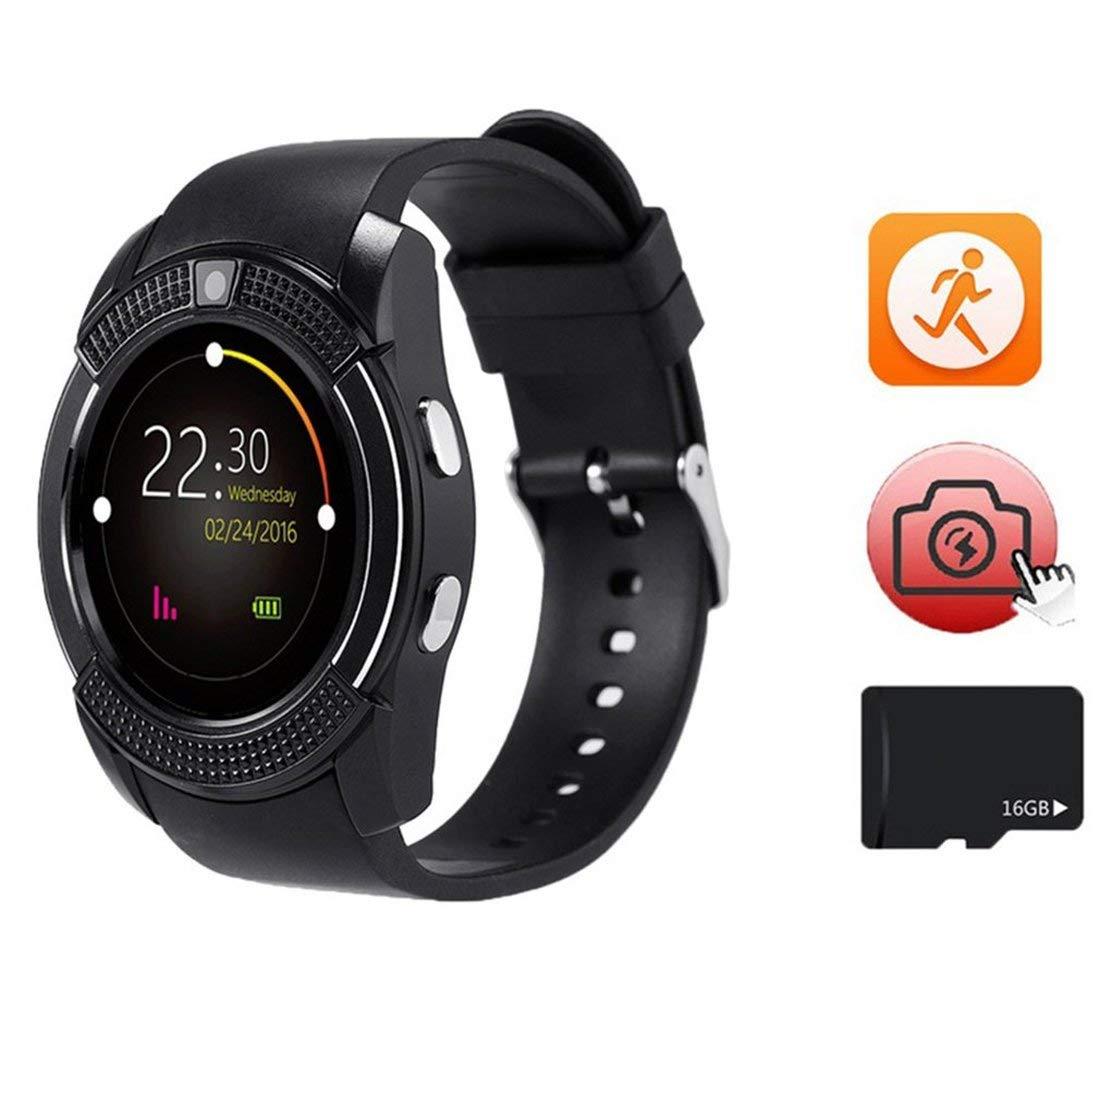 V8 Reloj de Pulsera Inteligente Reloj para Dormir Reloj Deportivo podómetro Reloj Soporte para teléfono Tarjeta SIM TF Tarjeta de 0.3MP para Android iOS: ...